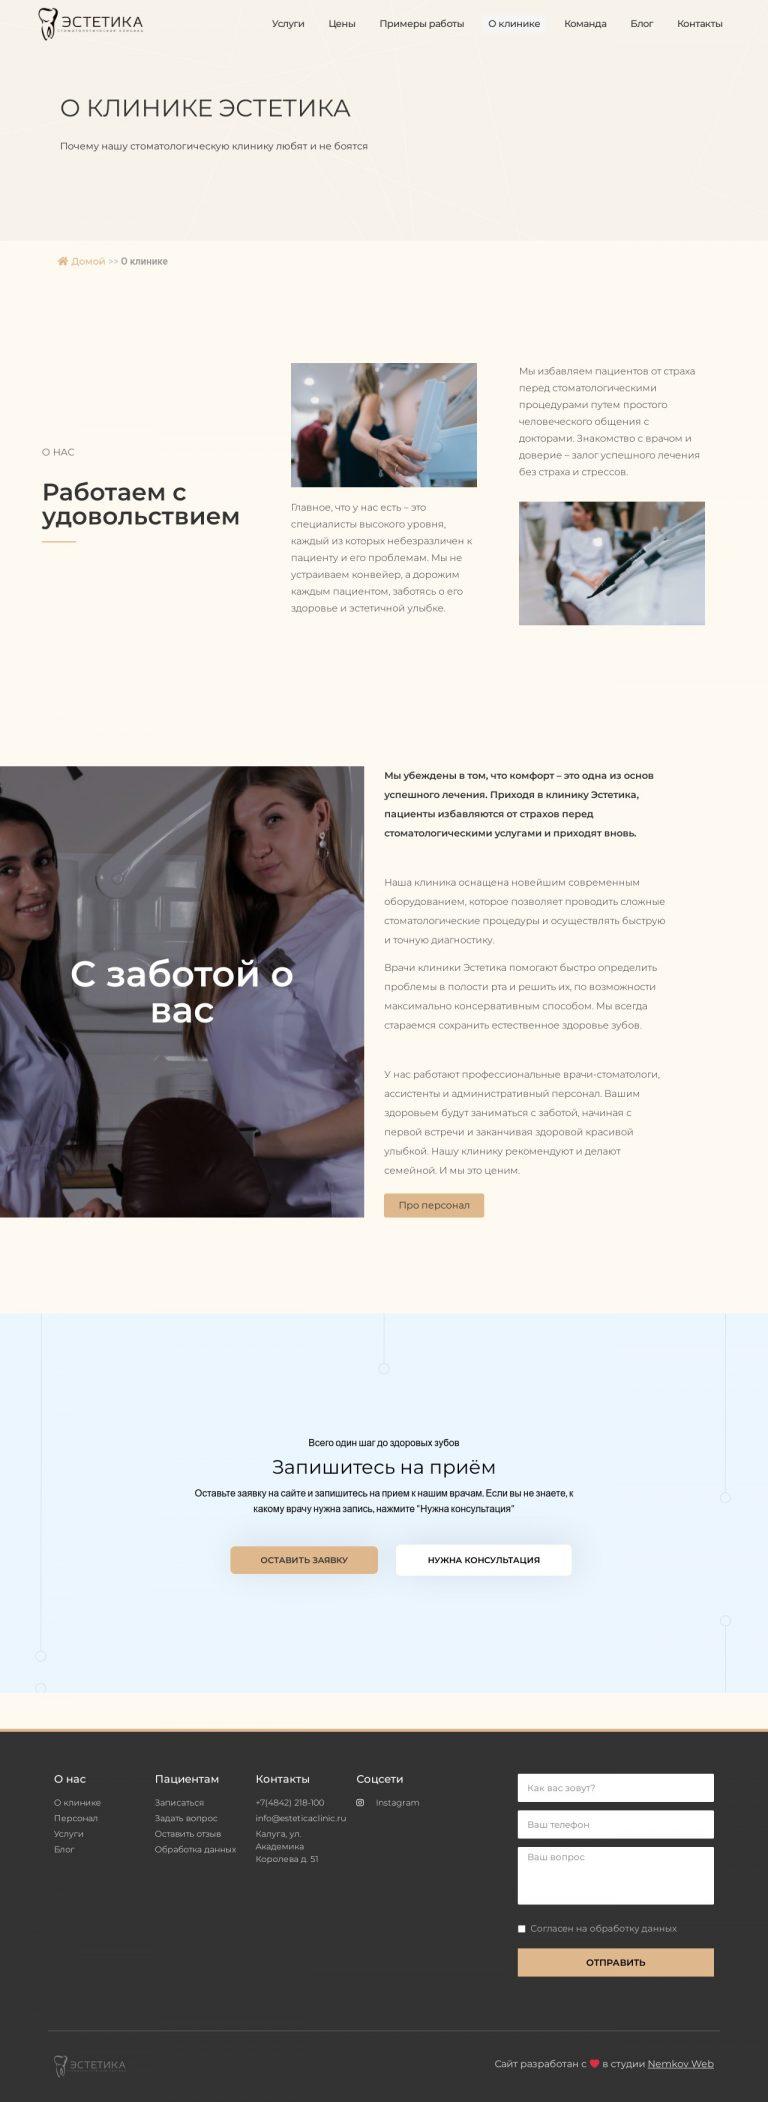 Разработали сайт для клиники Эстетика